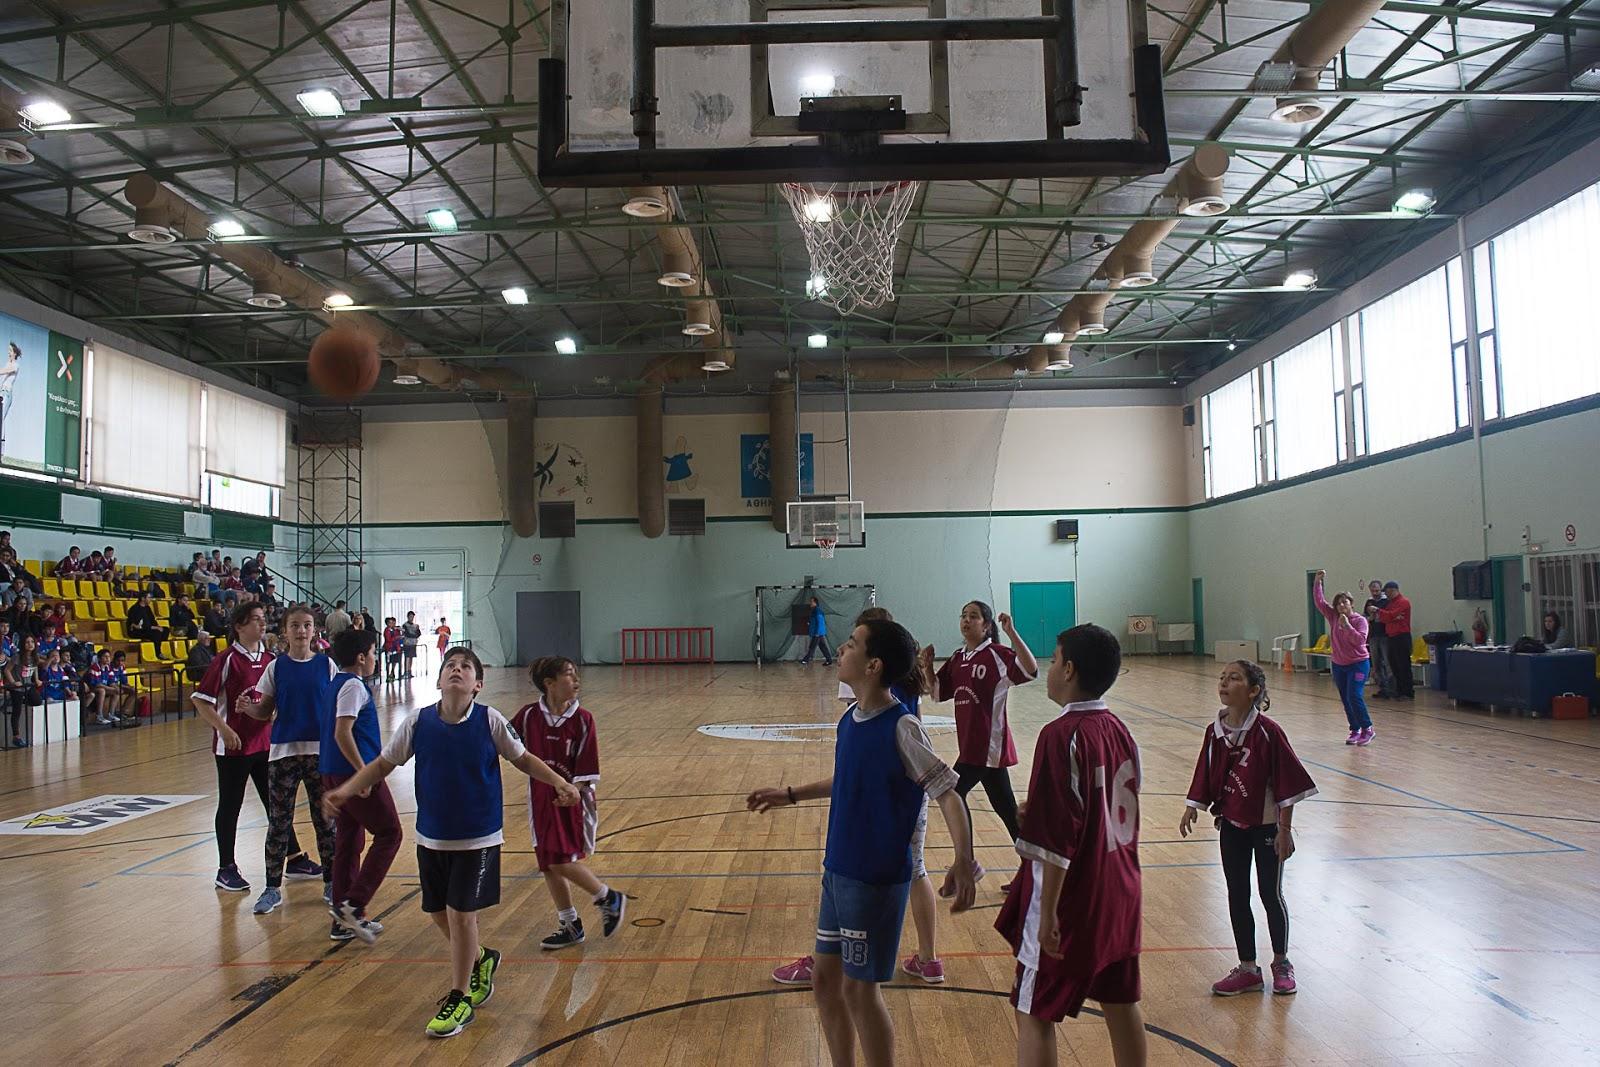 ... αγώνες μπάσκετ με τη μικτή ομάδα αγοριών και κοριτσιών.Οι αγώνες έγιναν  στο Εθνικό Στάδιο Χανίων και η ομάδα μας  8e0b4424762